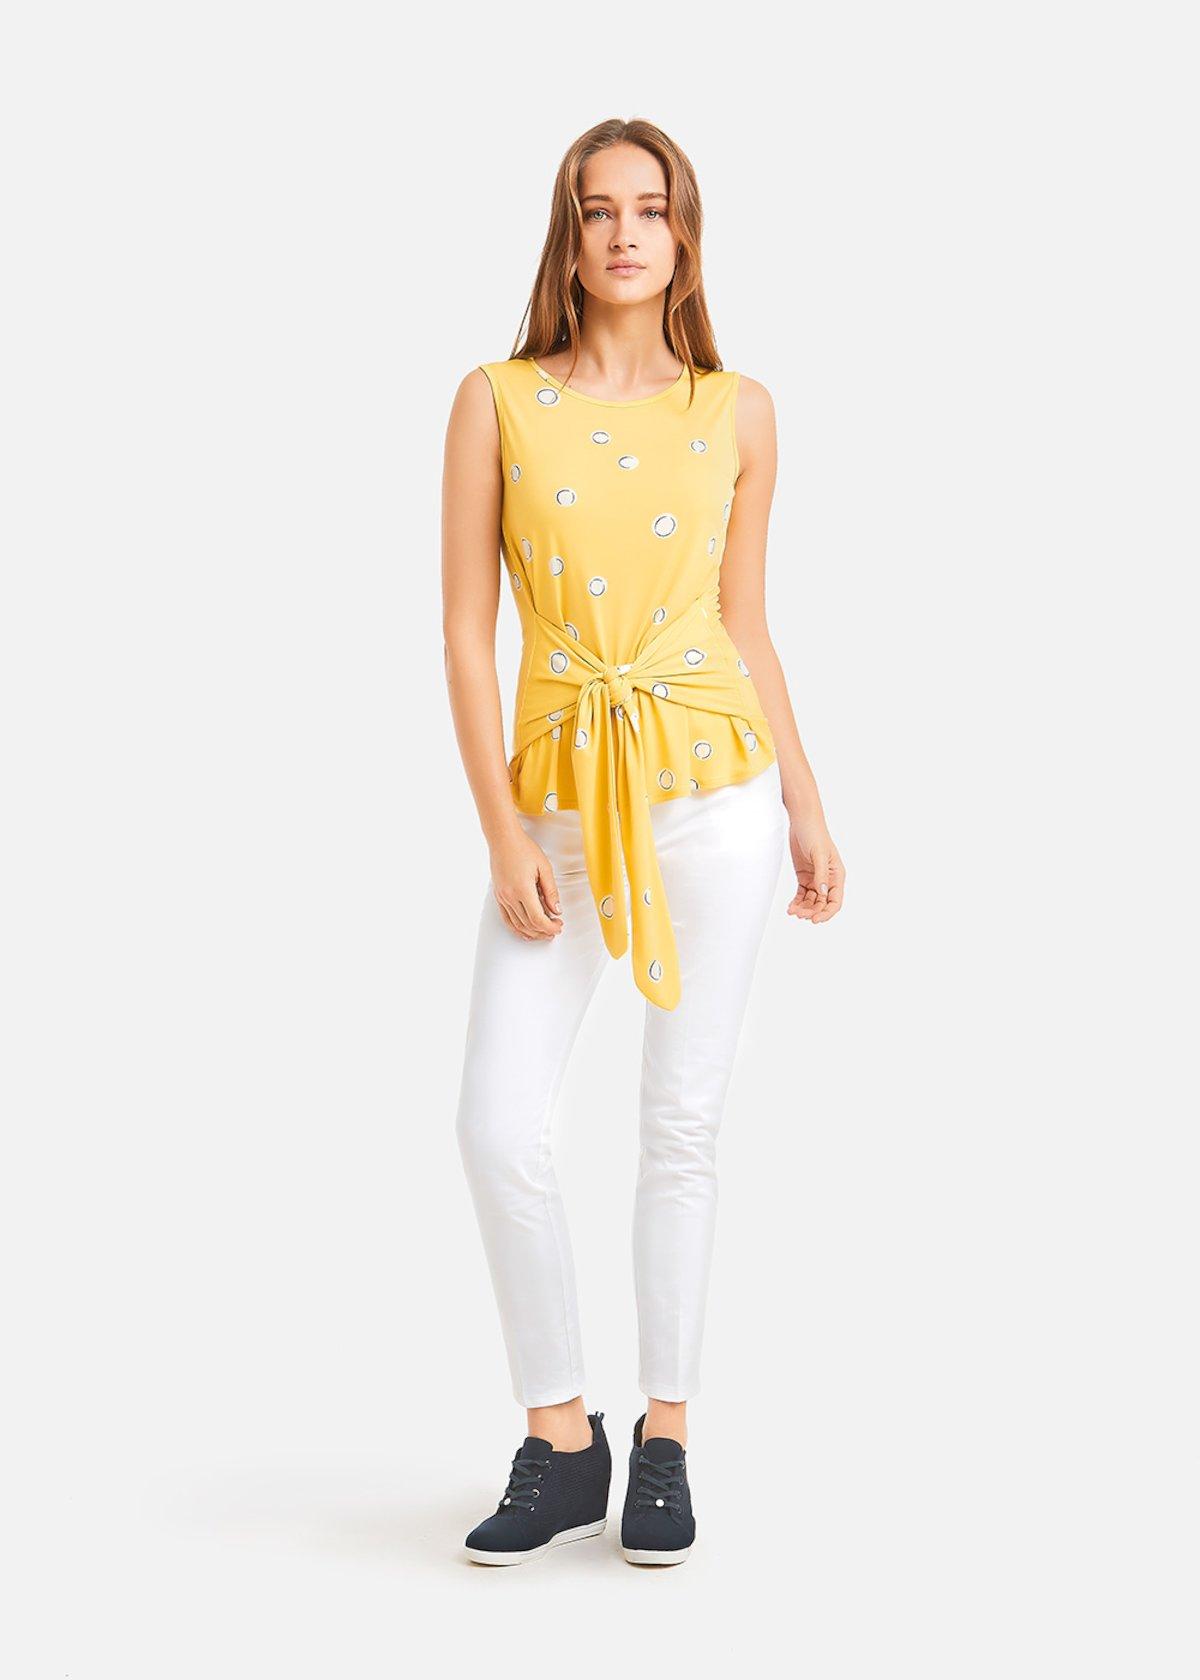 Polka dots pattern Teddy top with sash - Lemon / White Pois